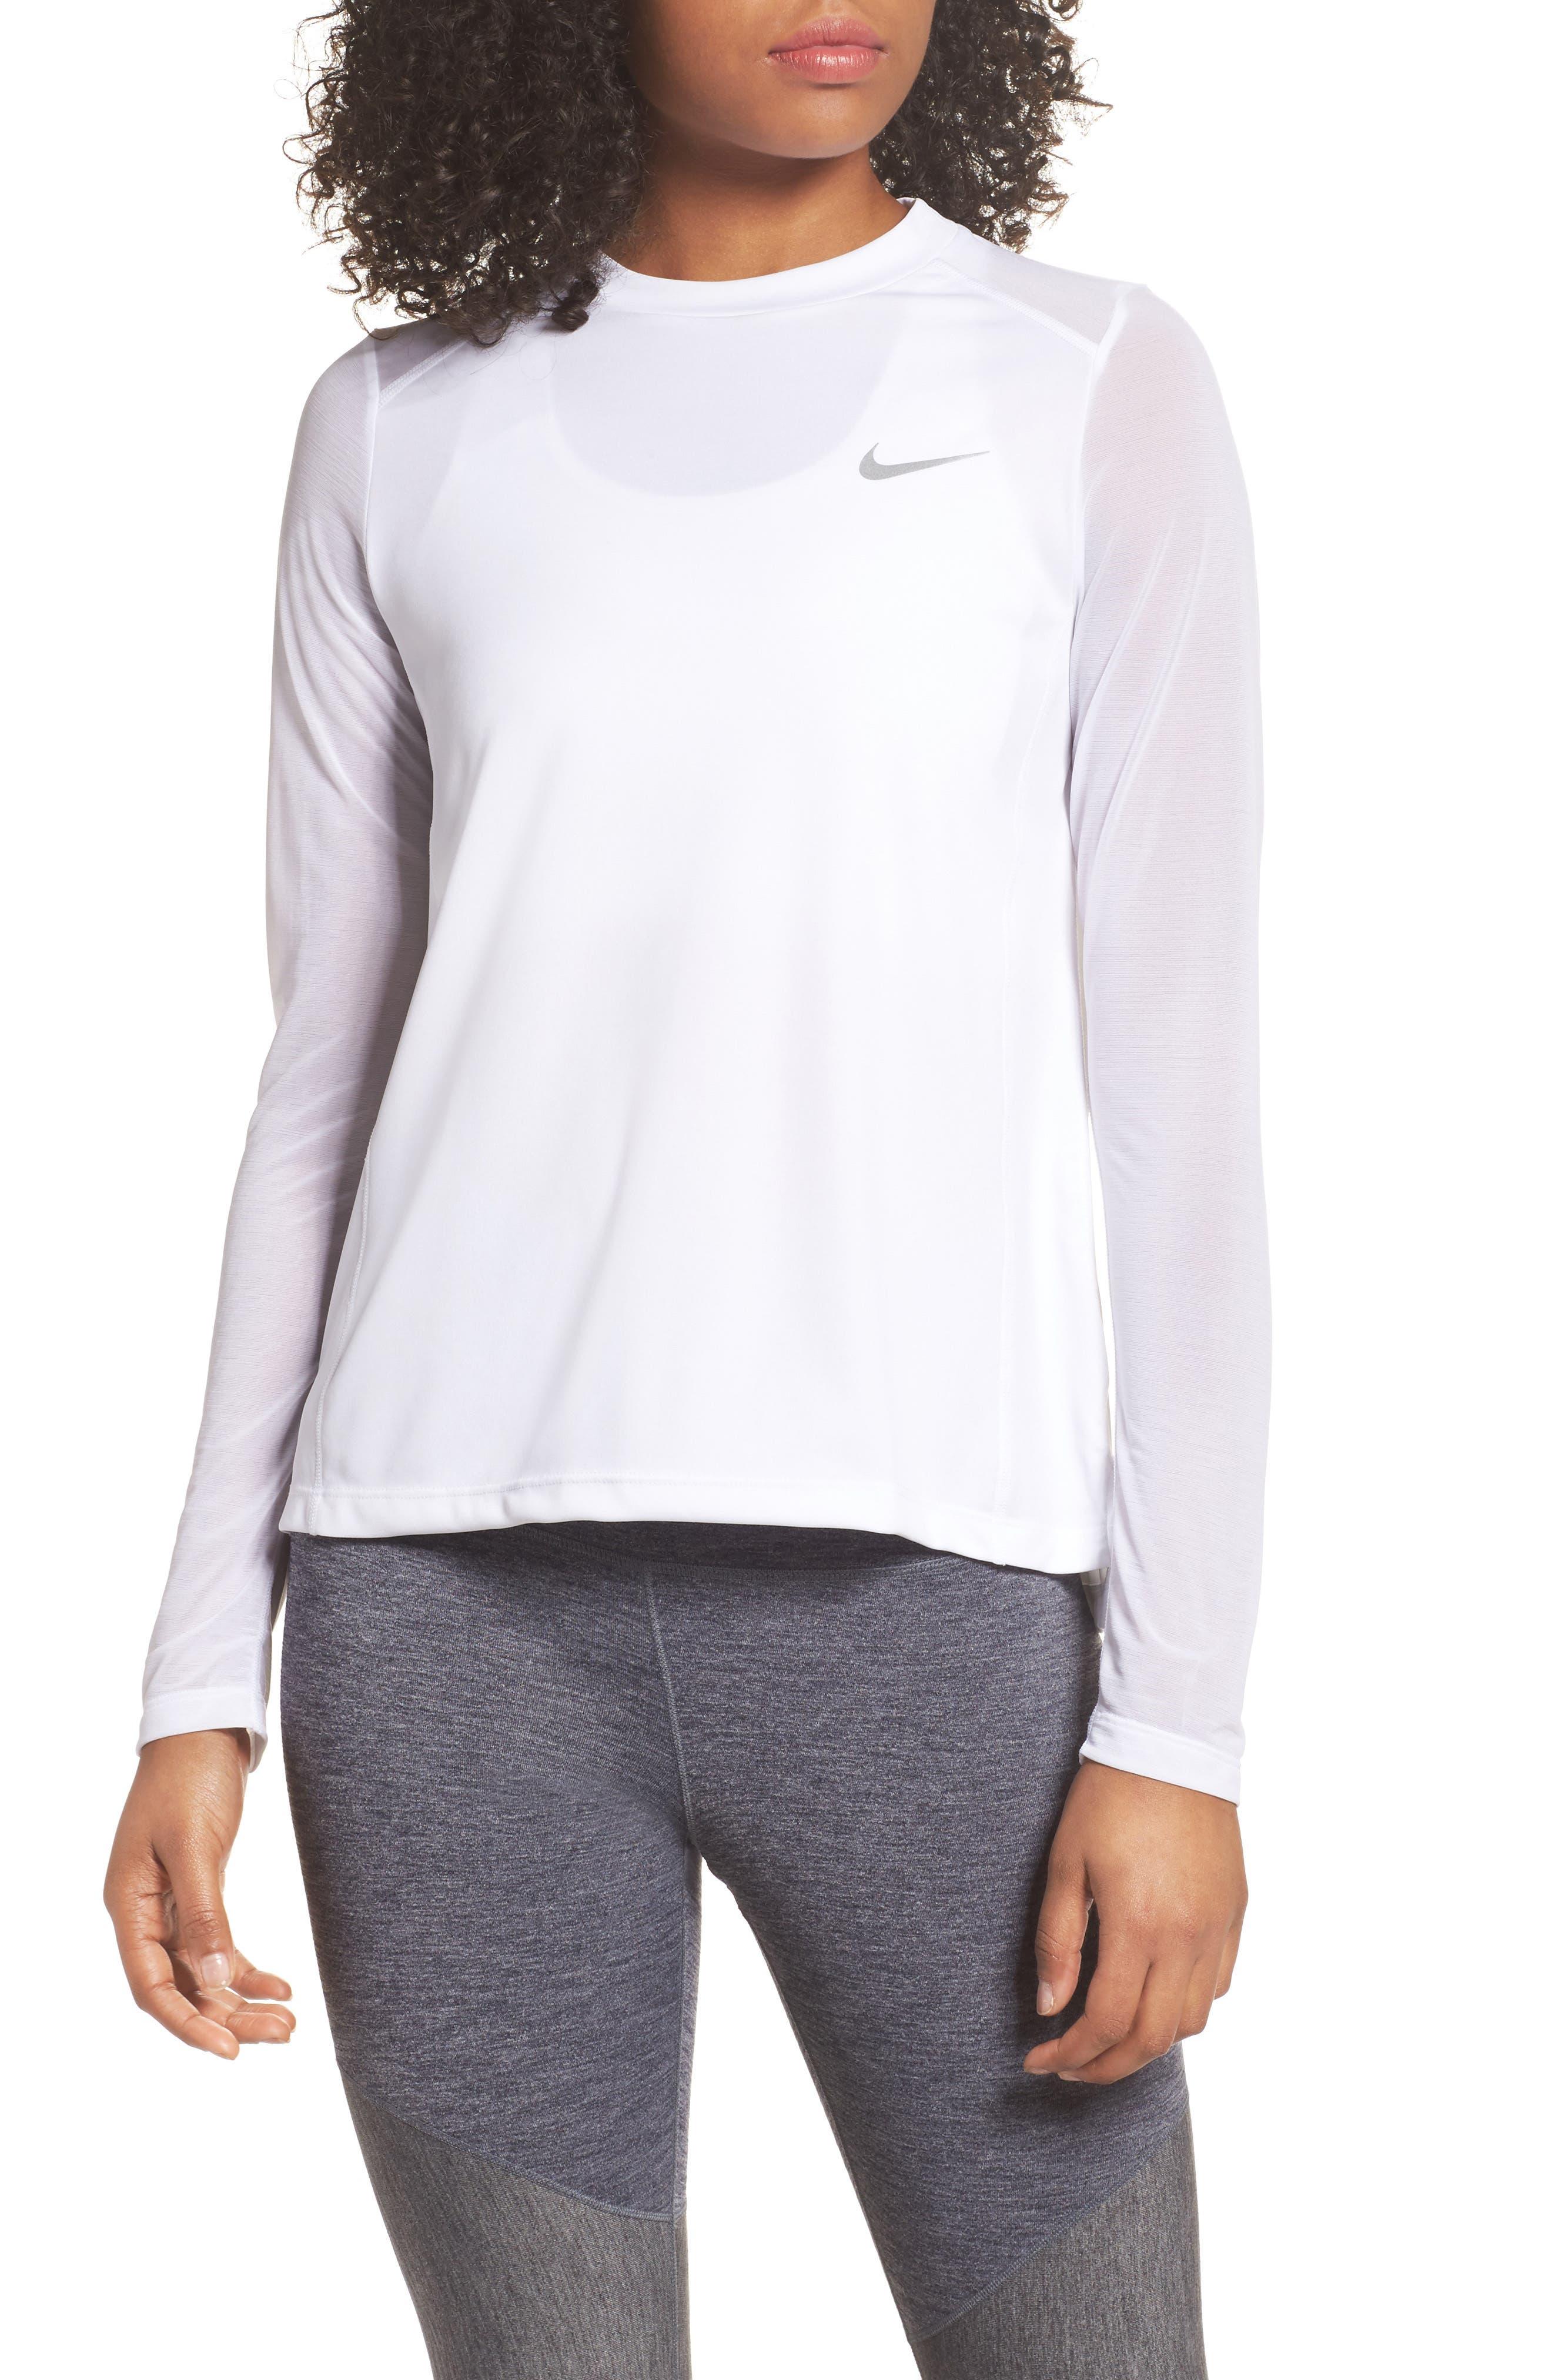 Nike Miler Dry Long Sleeve Tee